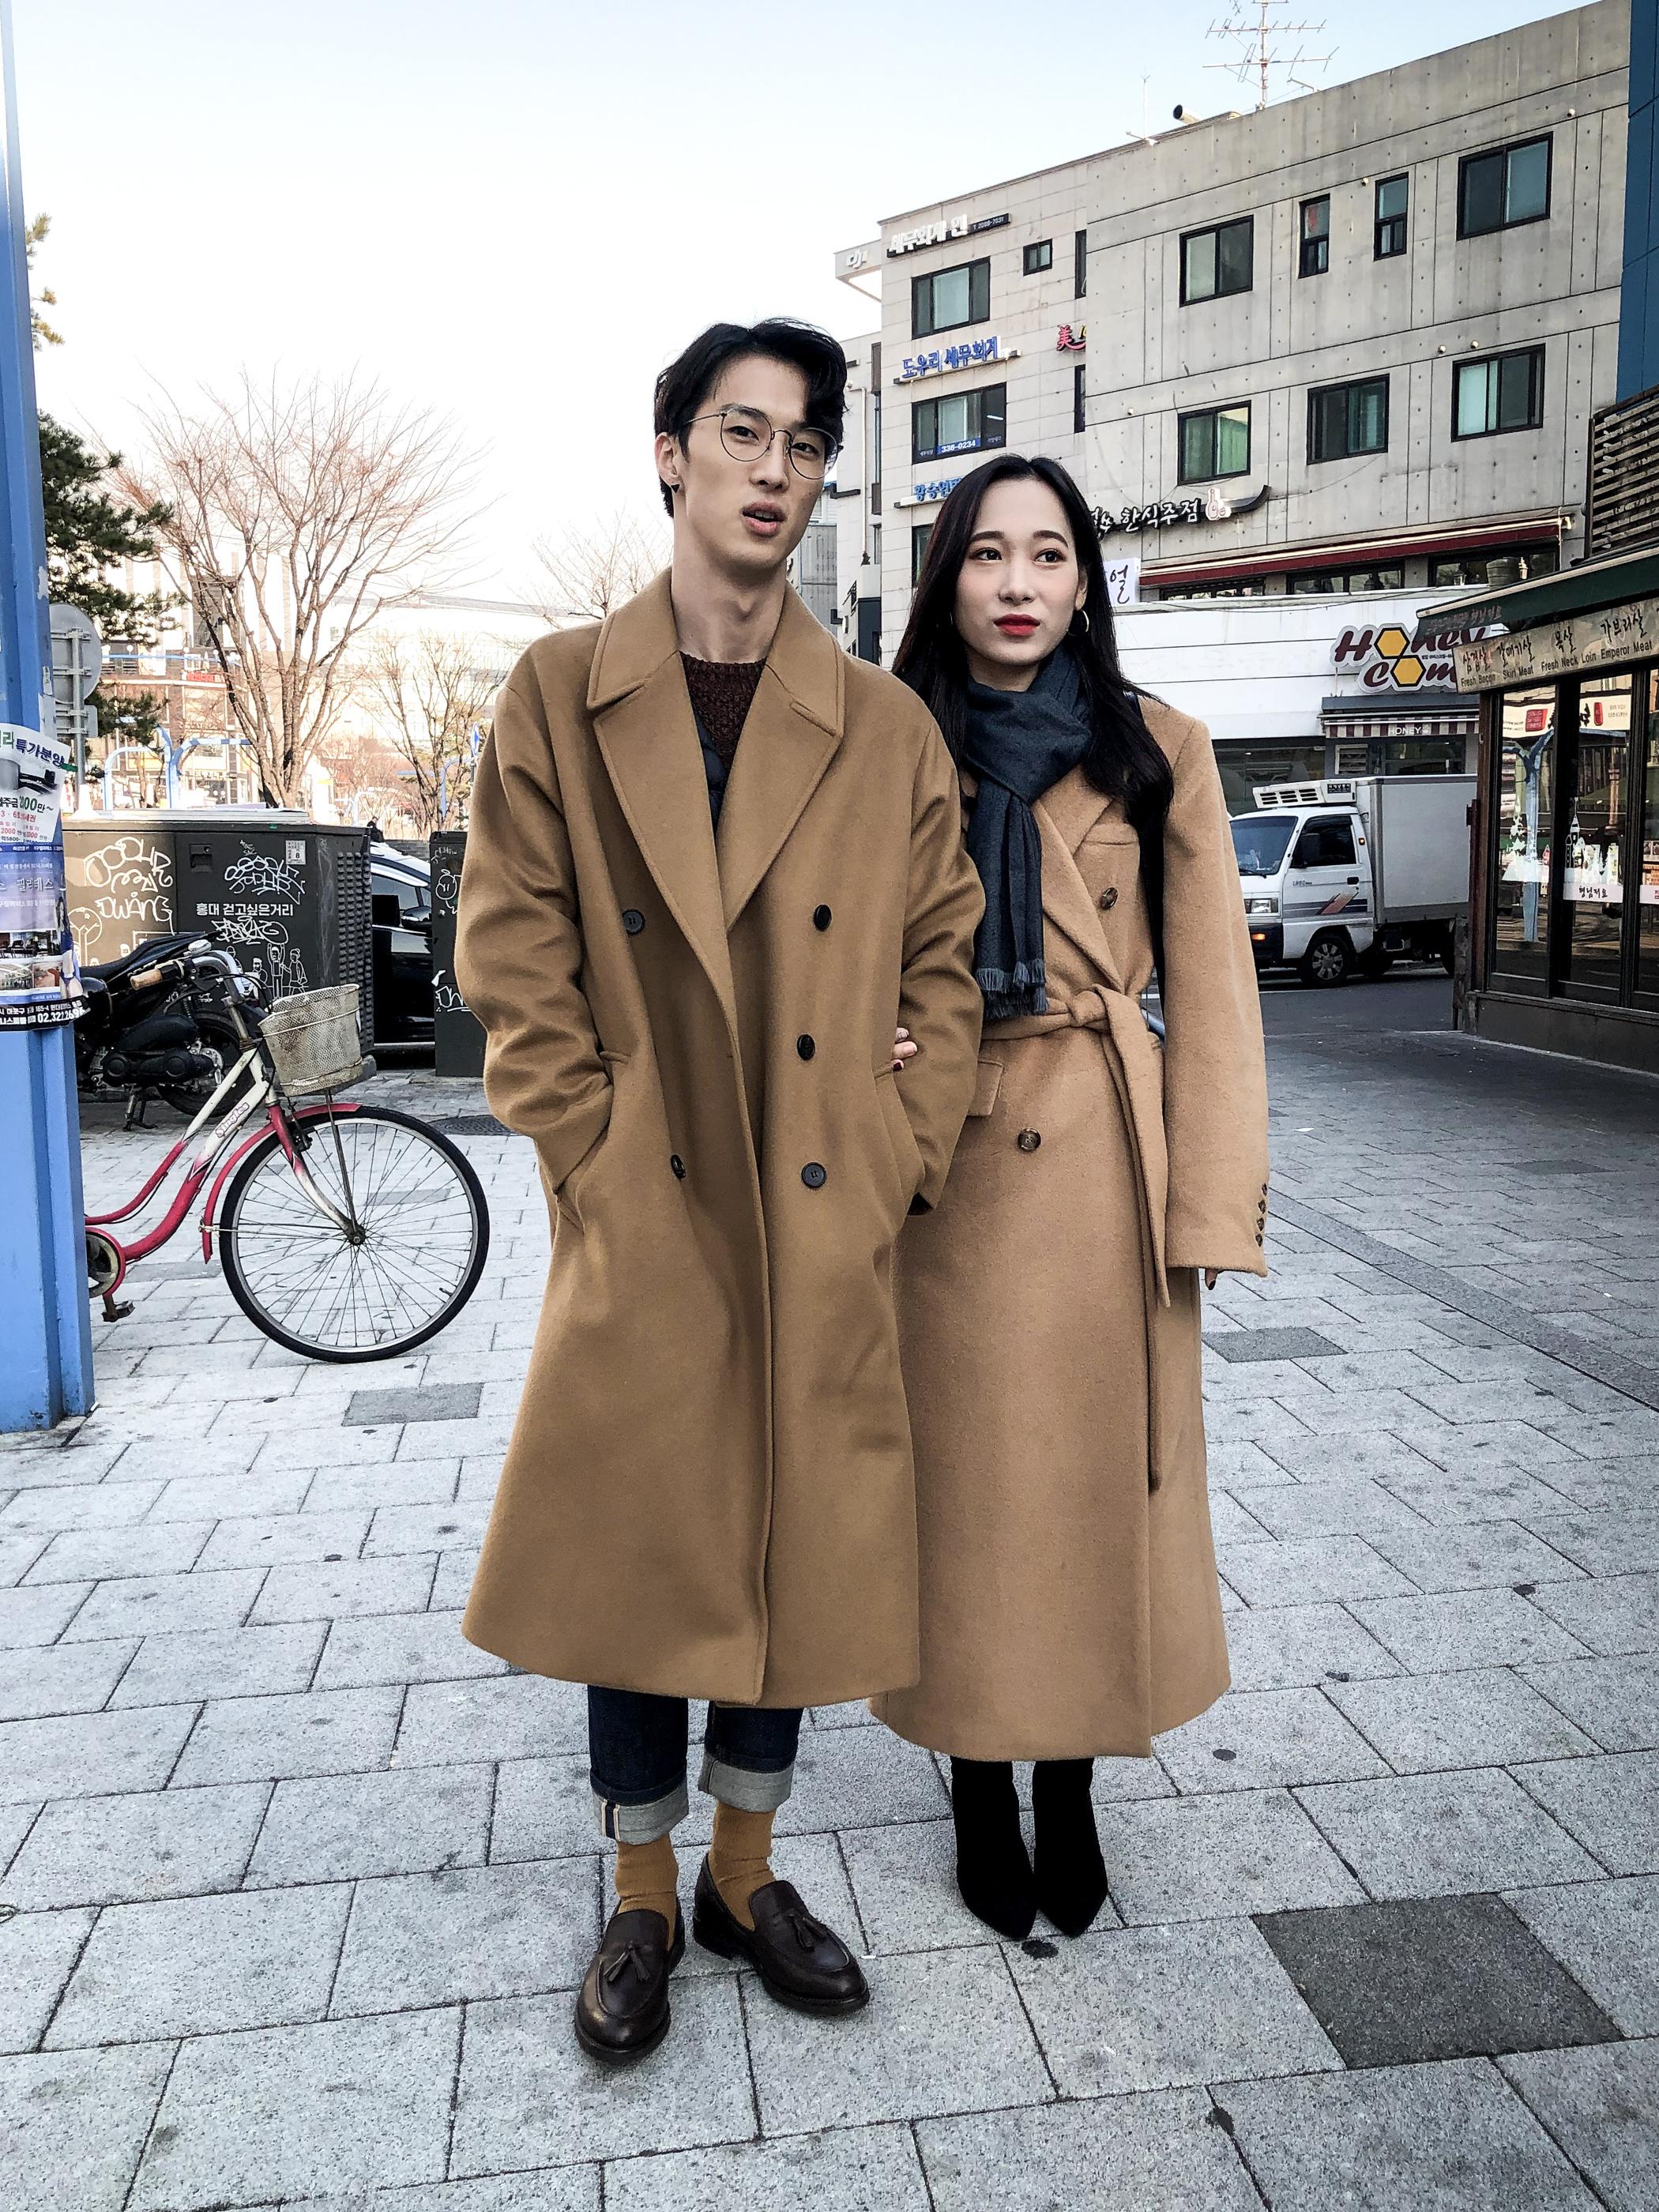 Seoul Streetwear December 2018